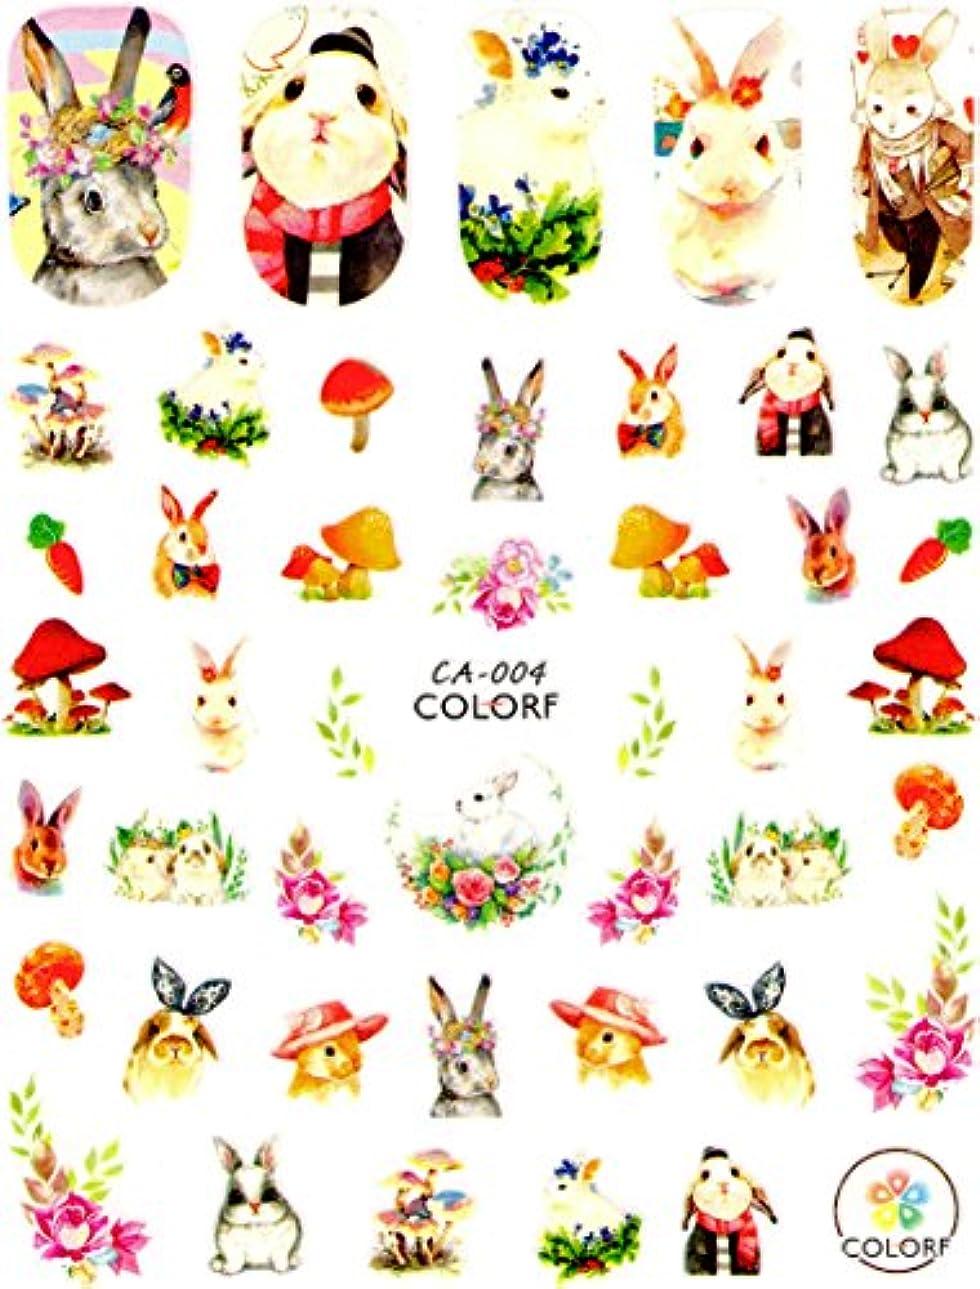 緩める危険を冒します休眠極薄 ネイルシール ウサギ ラビット キノコ ネイルやデコ、レジン、アルバム制作などに (01-C03)